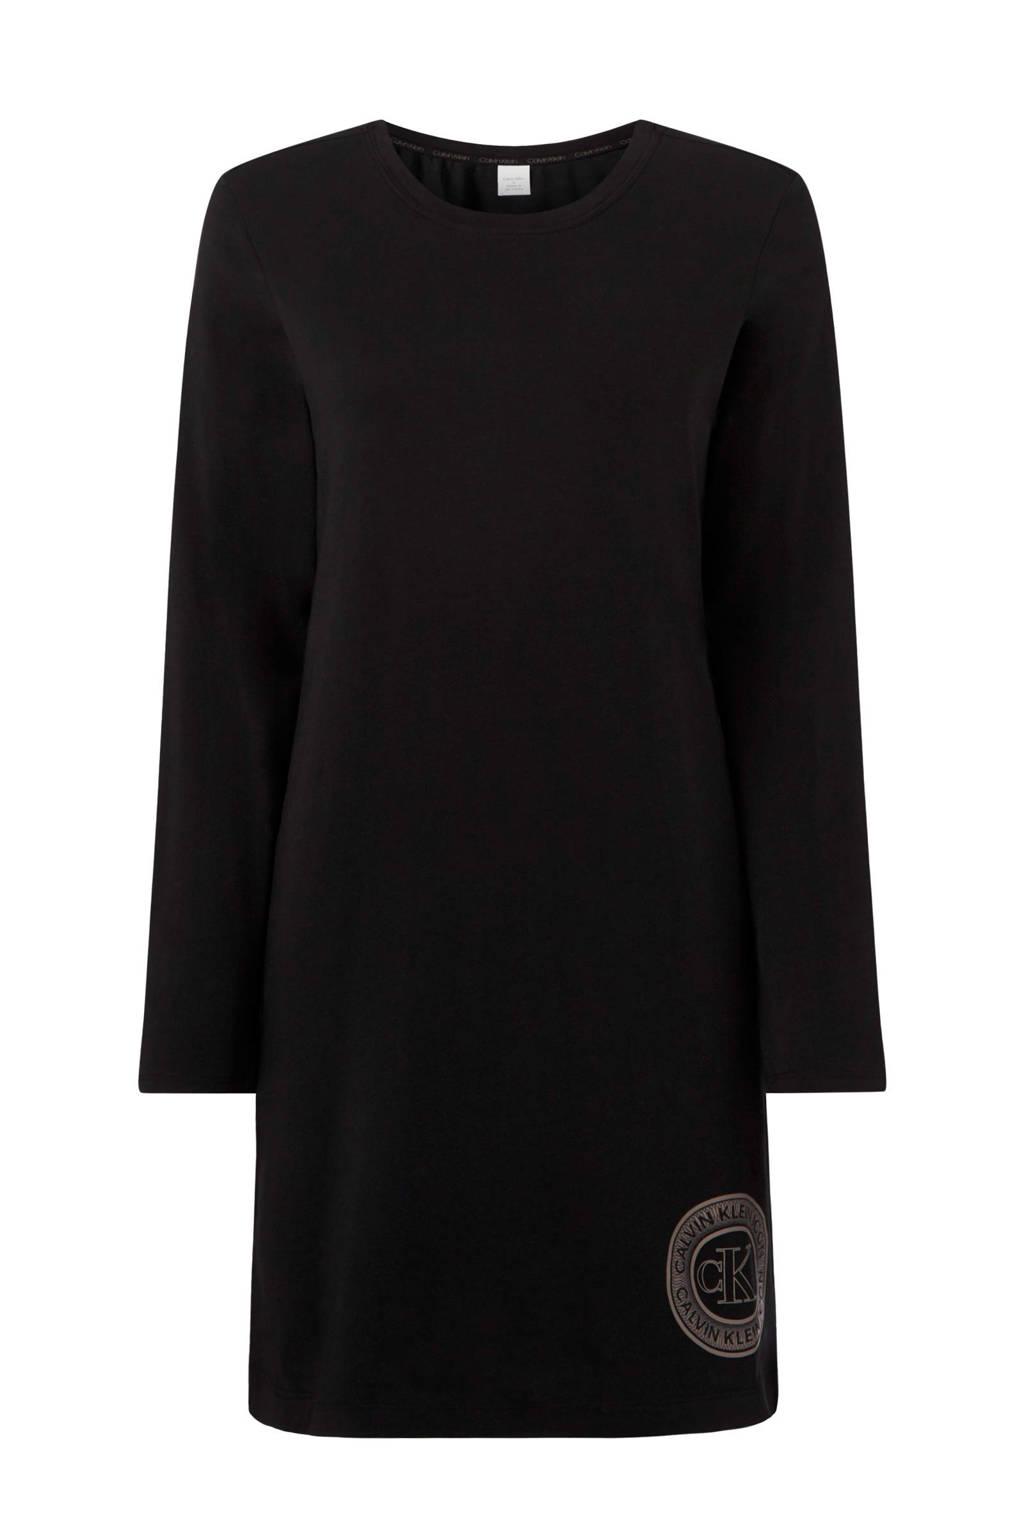 CALVIN KLEIN UNDERWEAR nachthemd met printopdruk zwart, Zwart